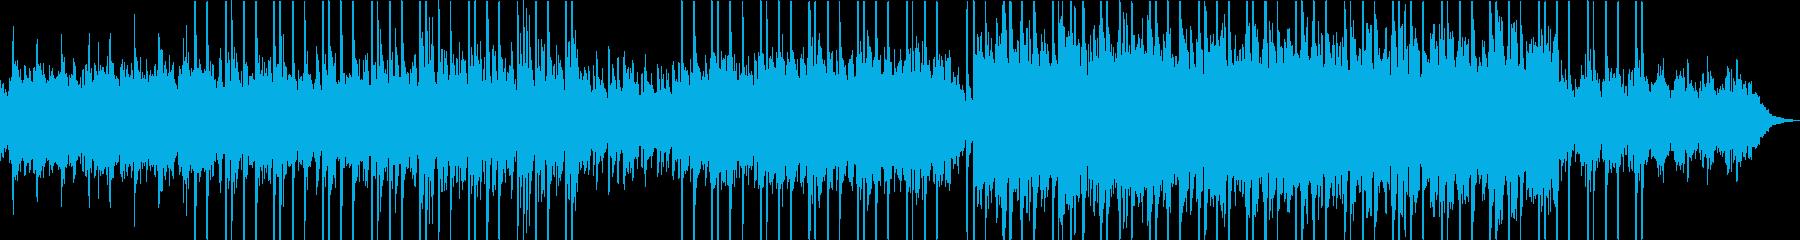 爽やかでどこか切ないエレクトロニカ。の再生済みの波形